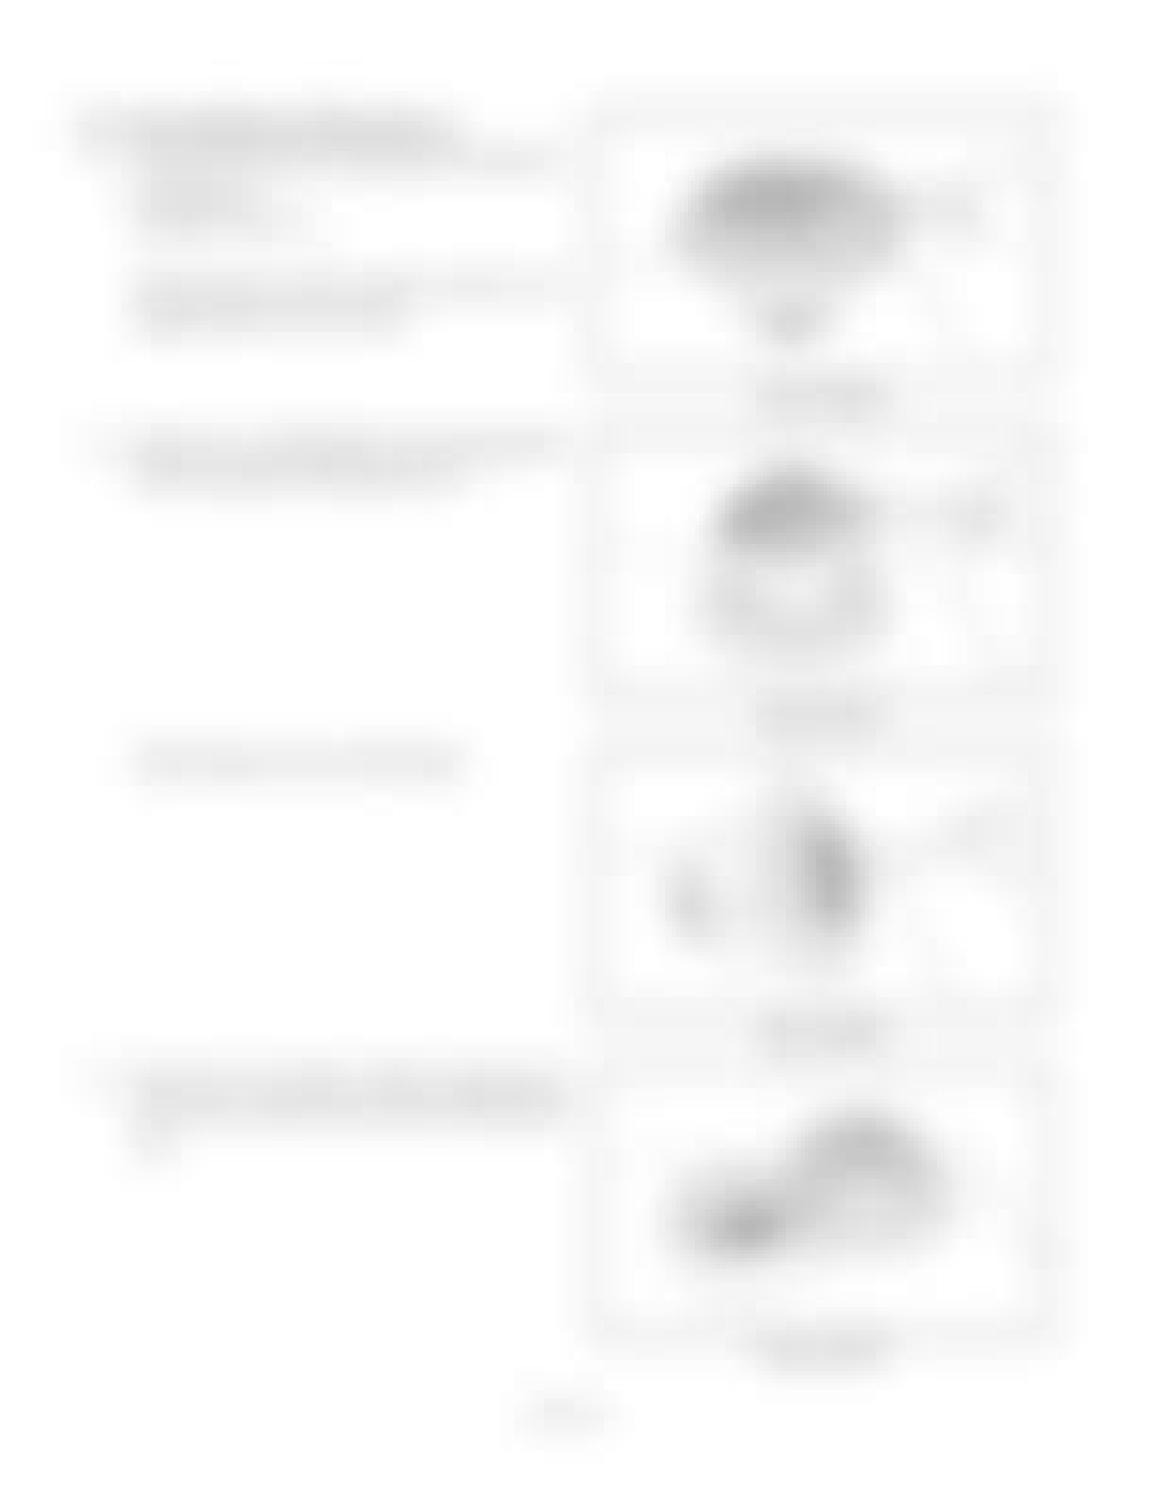 Hitachi LX110-7 LX130-7 LX160-7 LX190-7 LX230-7 Wheel Loader Workshop Manual - PDF DOWNLOAD page 164